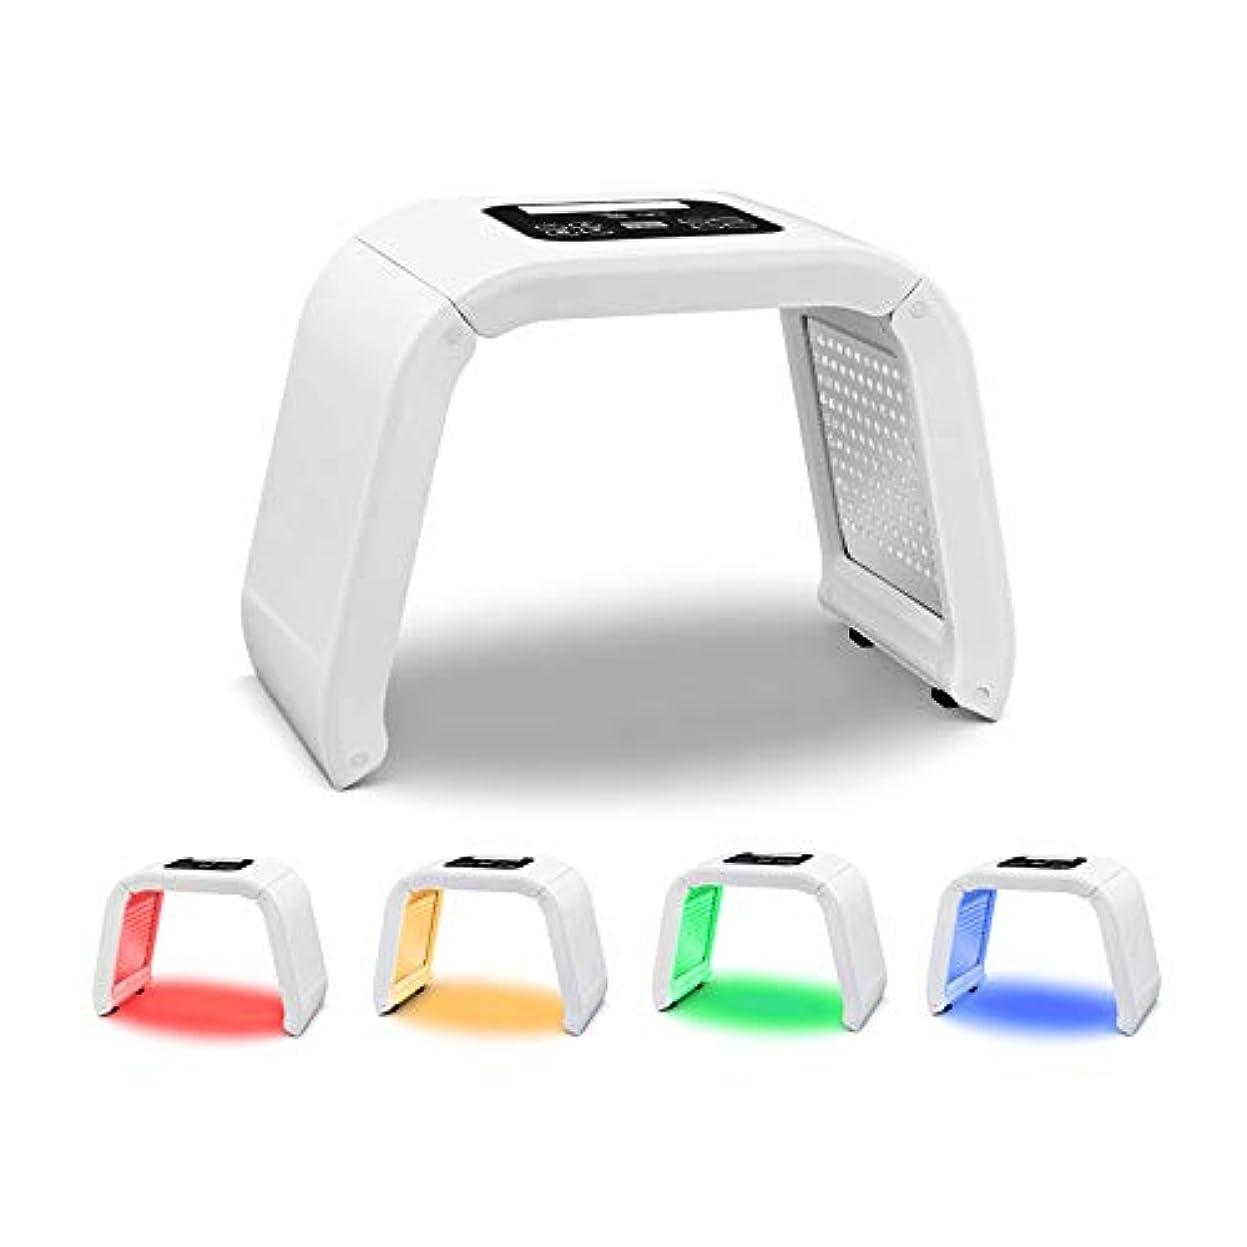 好きである神話プレビューフェイシャルケアスキンレジュベネーション美容機器4色PDT LEDフォトンセラピーフェイシャルサロンスキンケアマシンホワイト